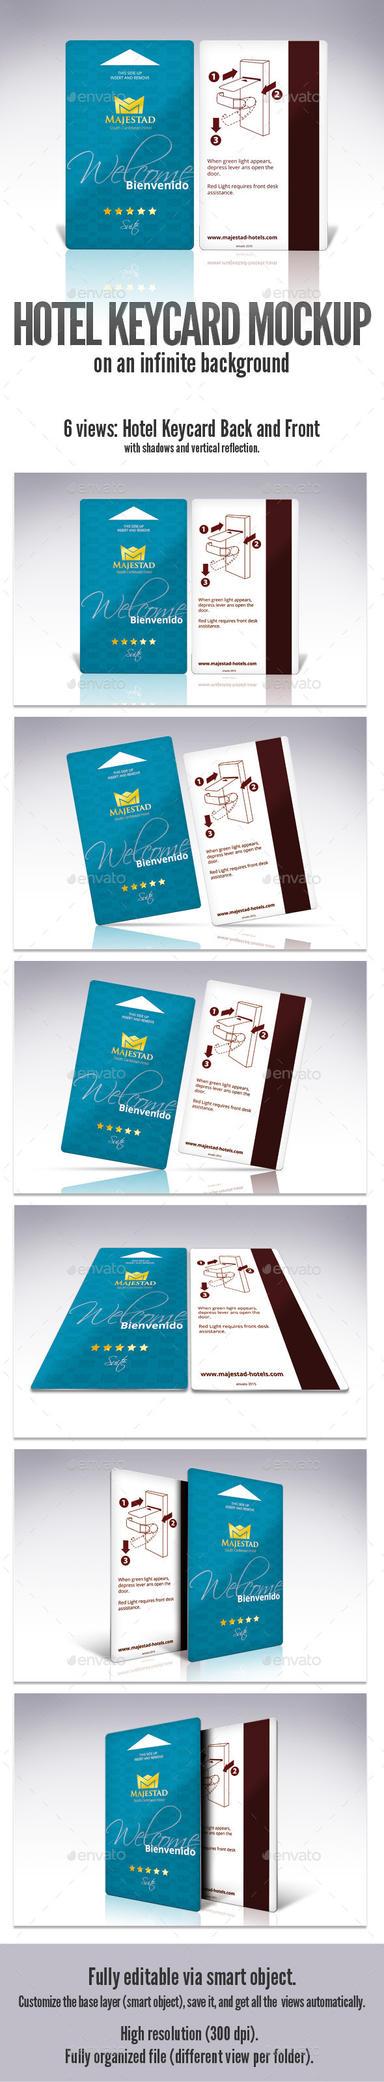 Hotel Key Card Mockup by doghead